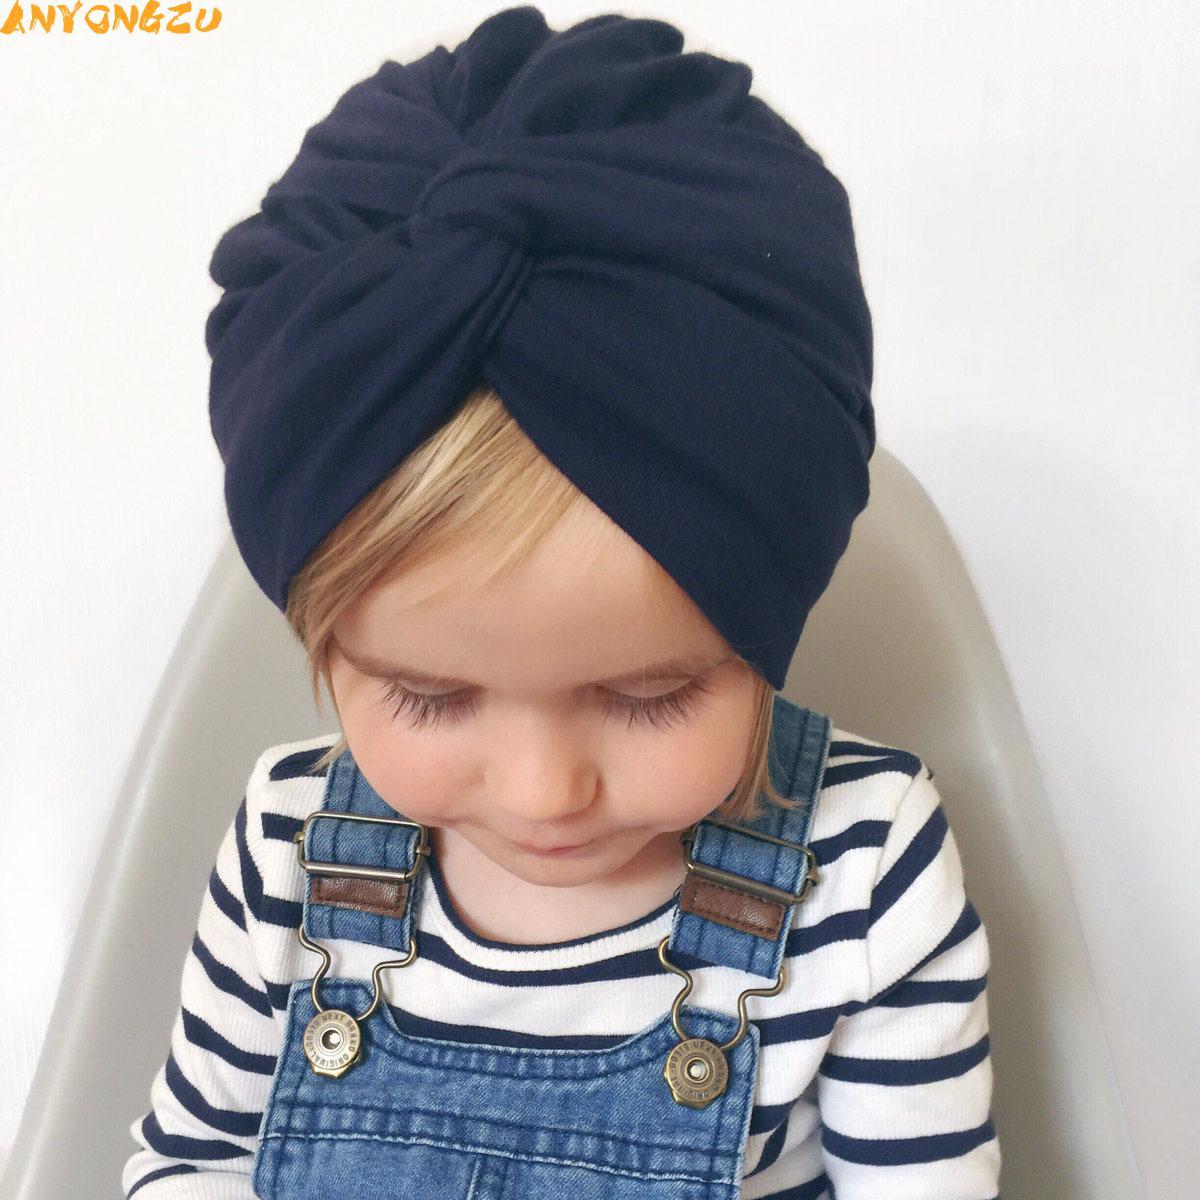 10 шт. anyongzu для маленьких девочек s Новые Детские Индии крест шапка тюрбан Кепки хло ...